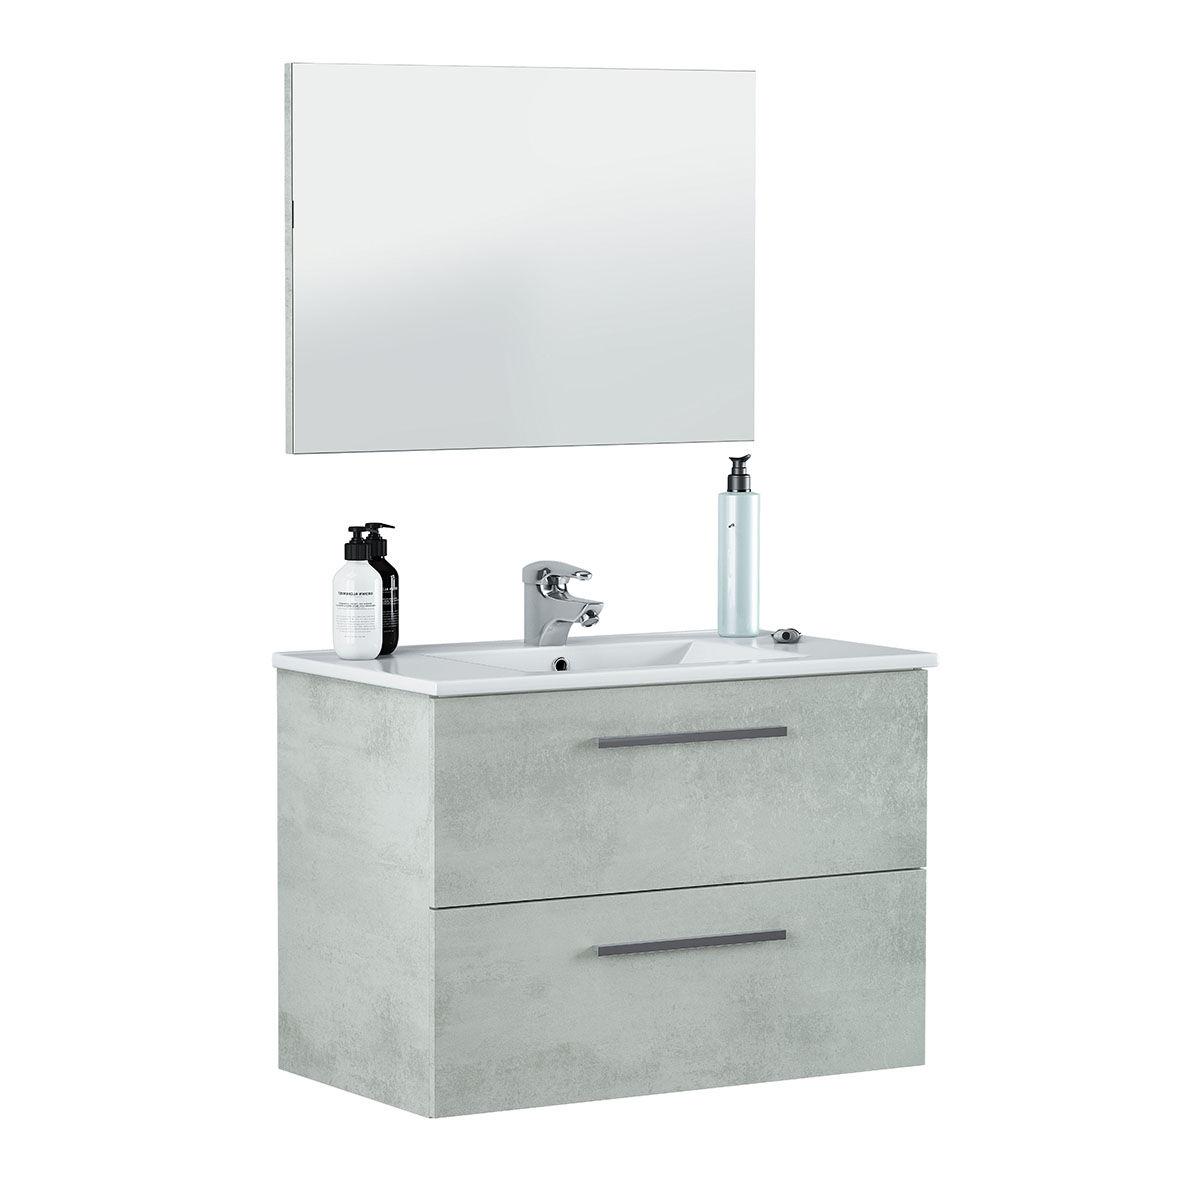 """CeramicStore Mobile bagno sospeso """"Aruba"""" in materiale melaminico completo di lavabo in ceramica bianca e specchio. Colore mobile cemento"""